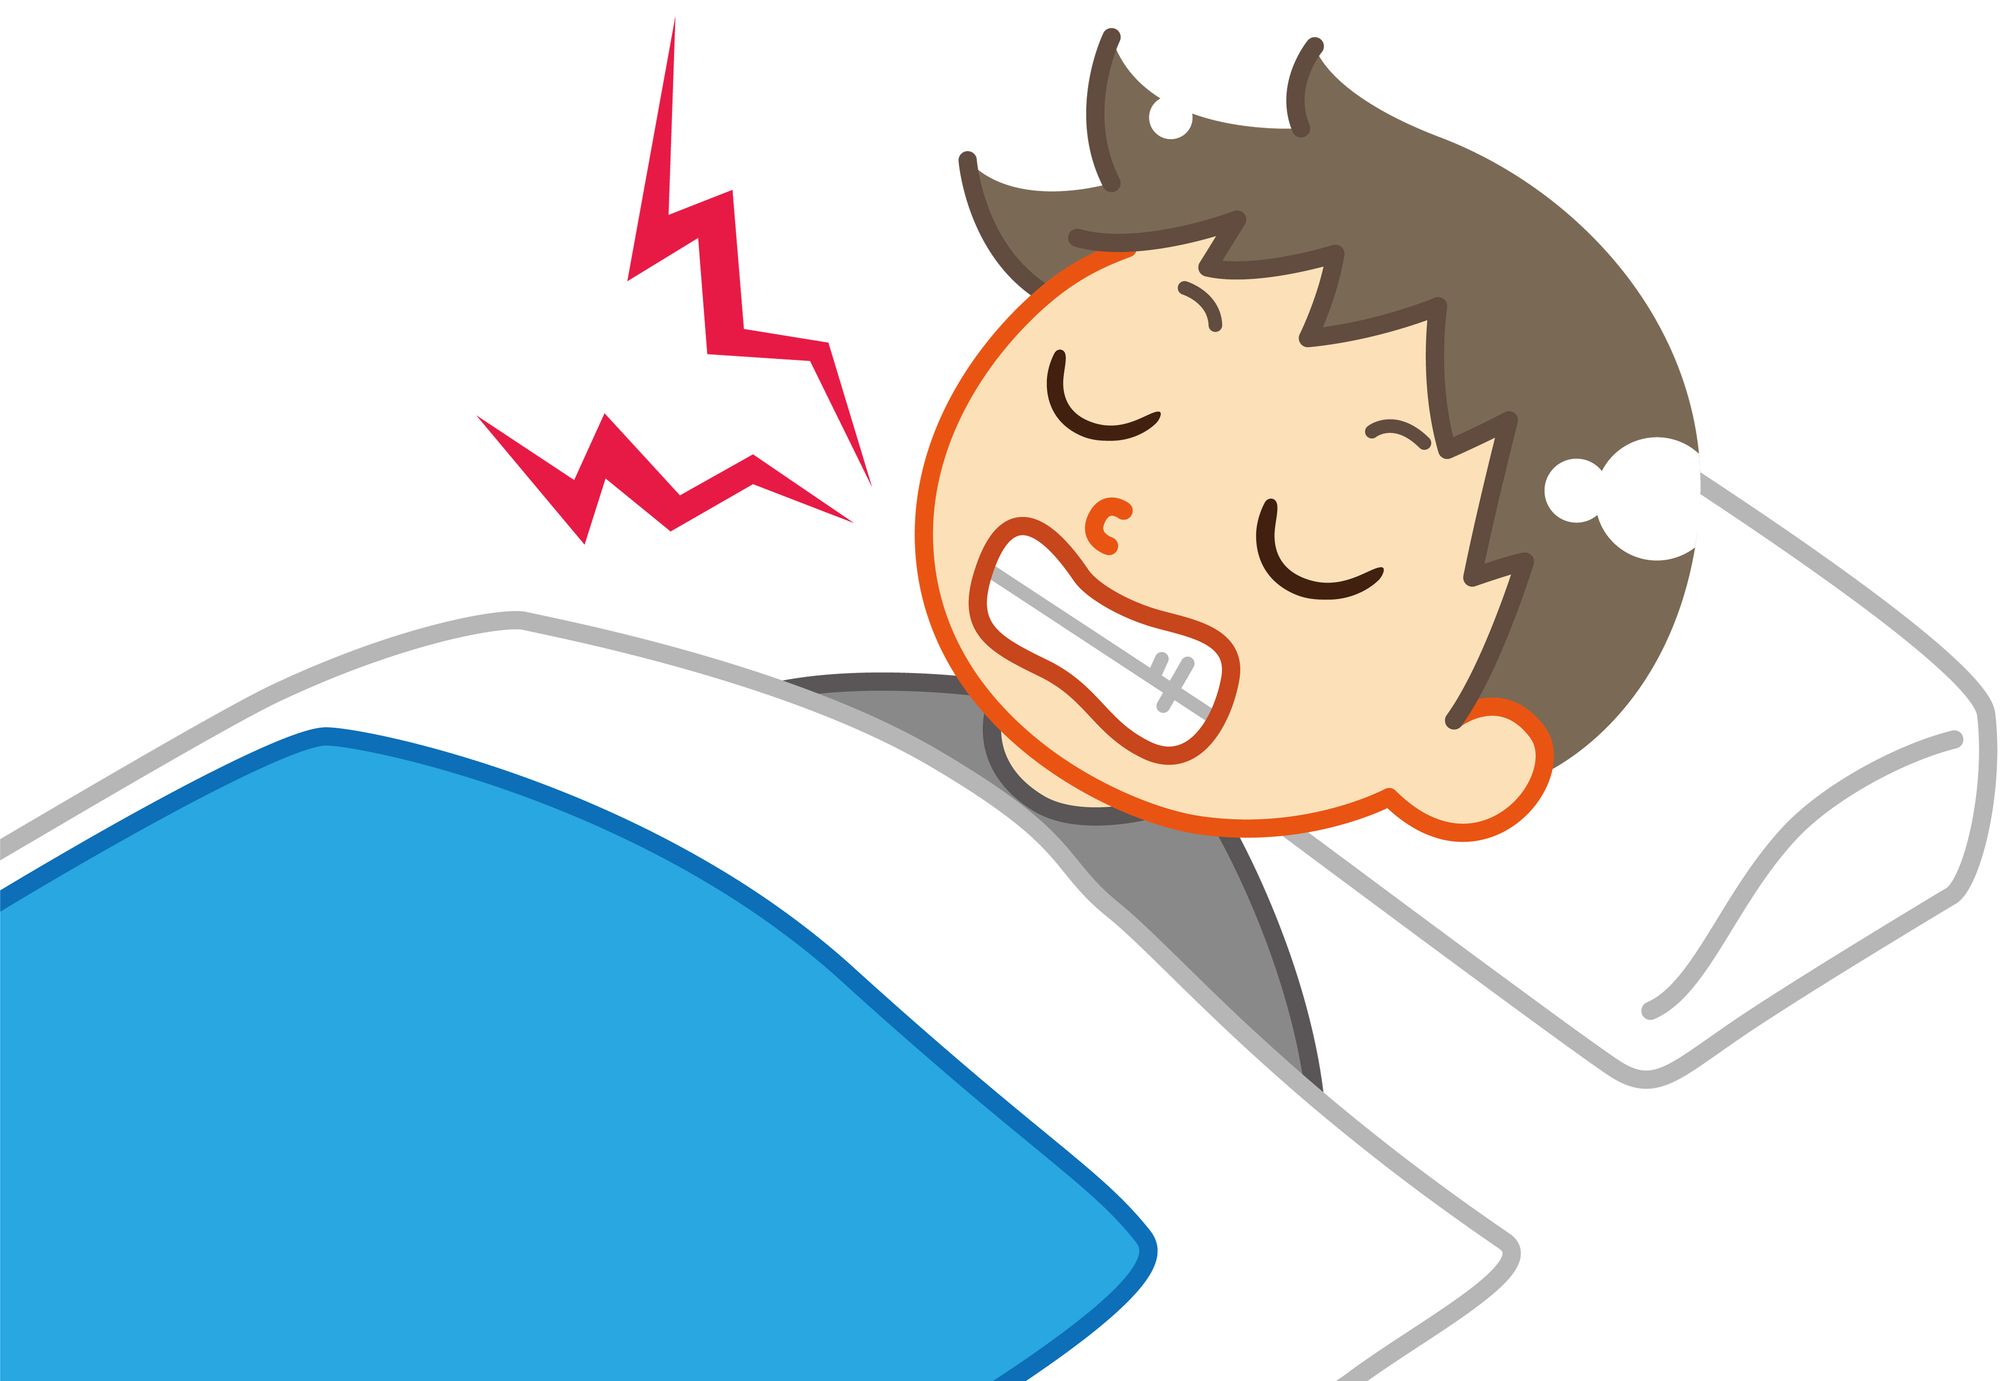 【歯科医監修】子どもの歯ぎしりって大丈夫?乳幼児の歯ぎしりを詳しく解説